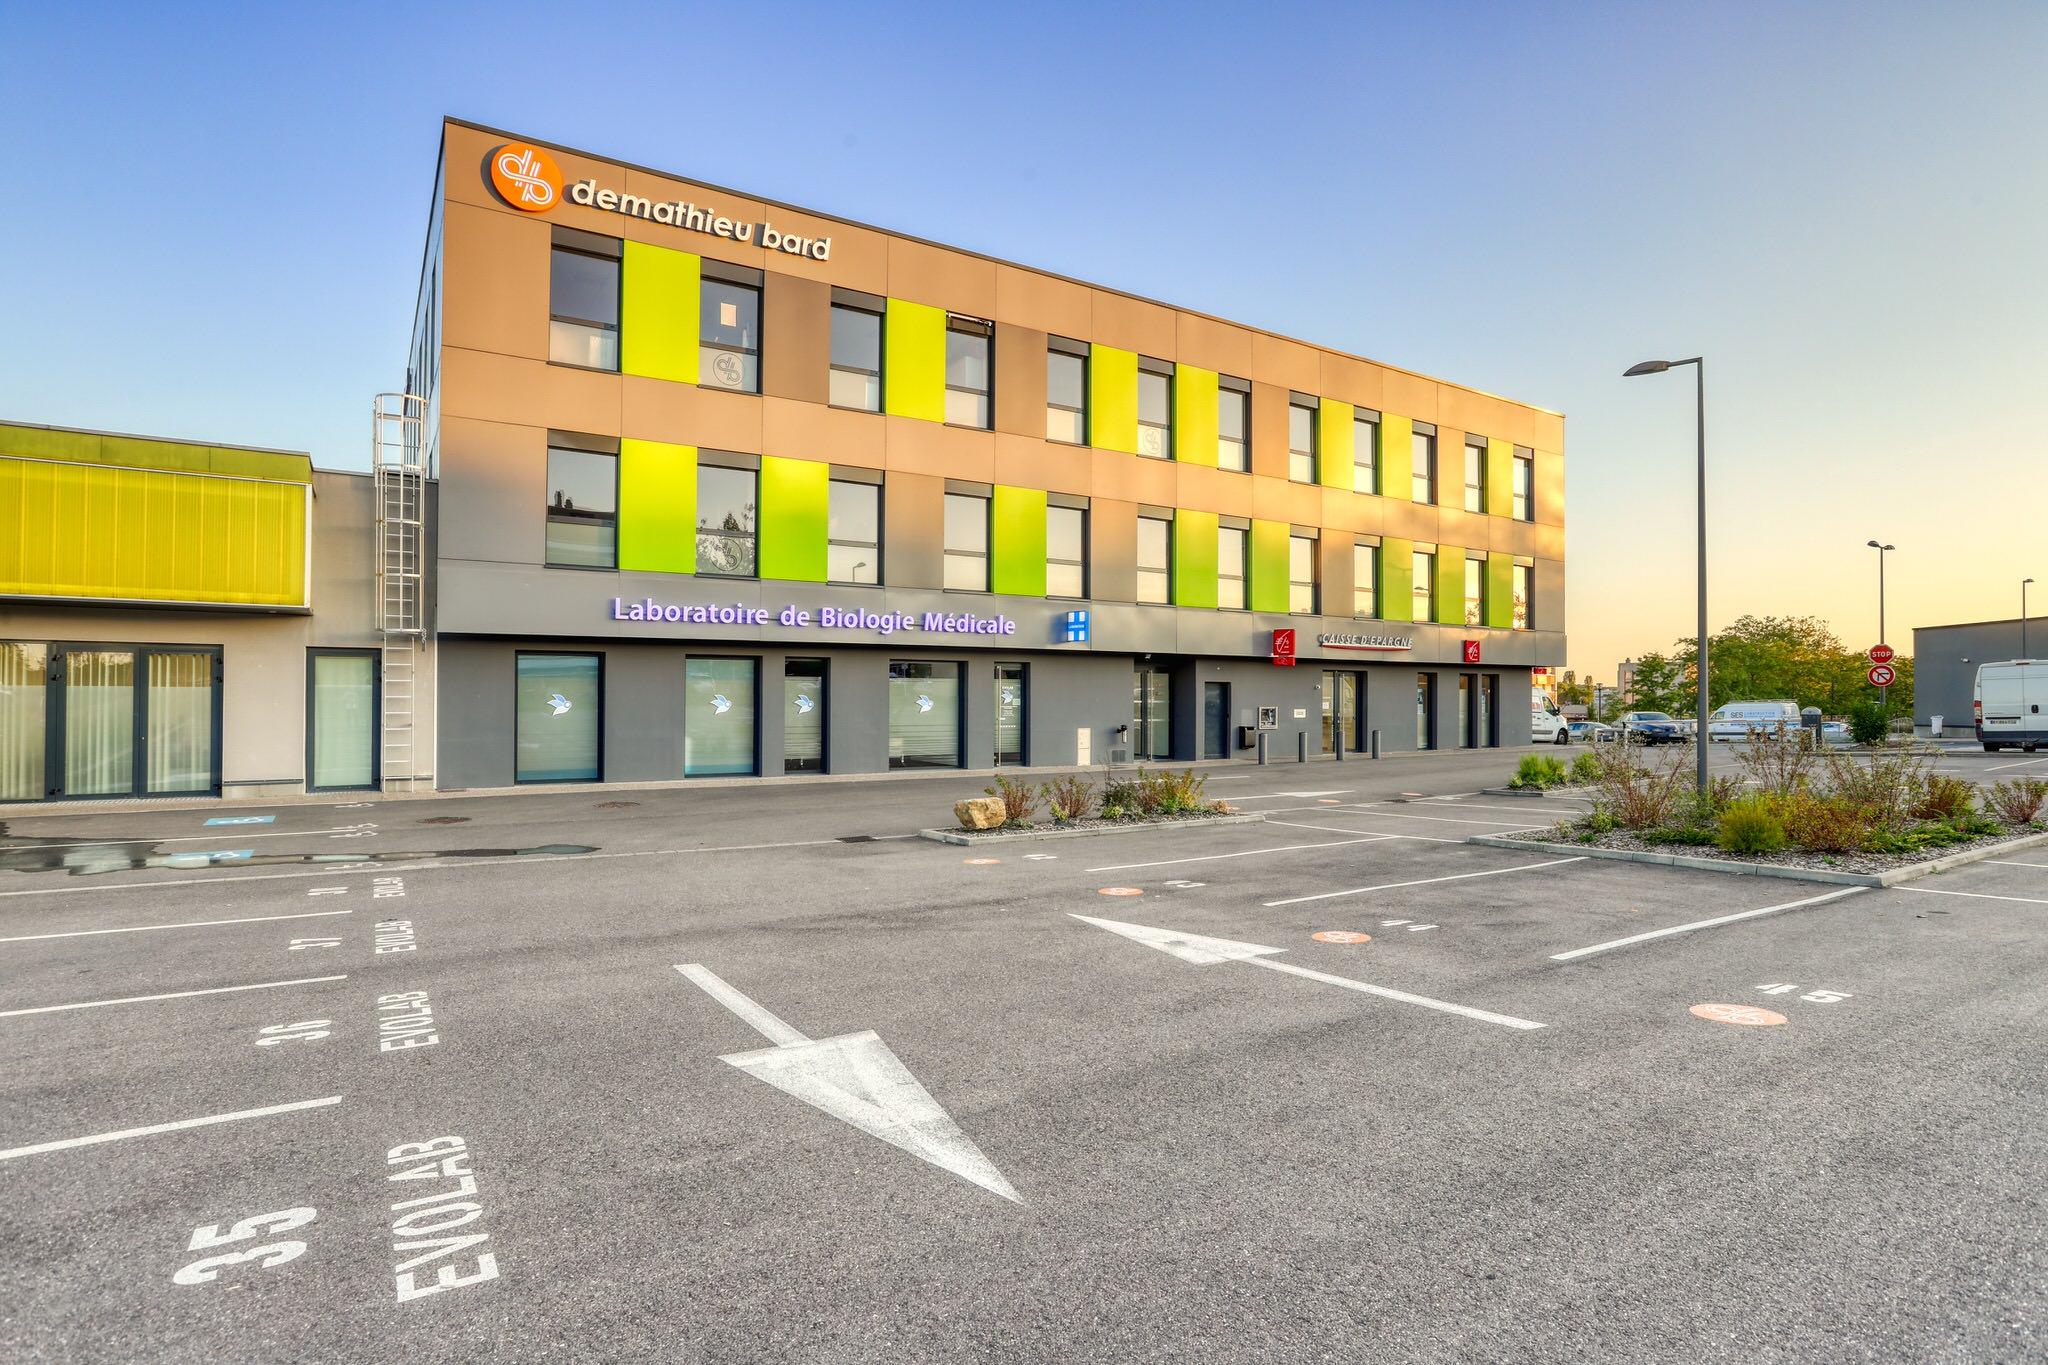 Photo immobilière HDR d'un parking avec un immeuble en arrière plan.